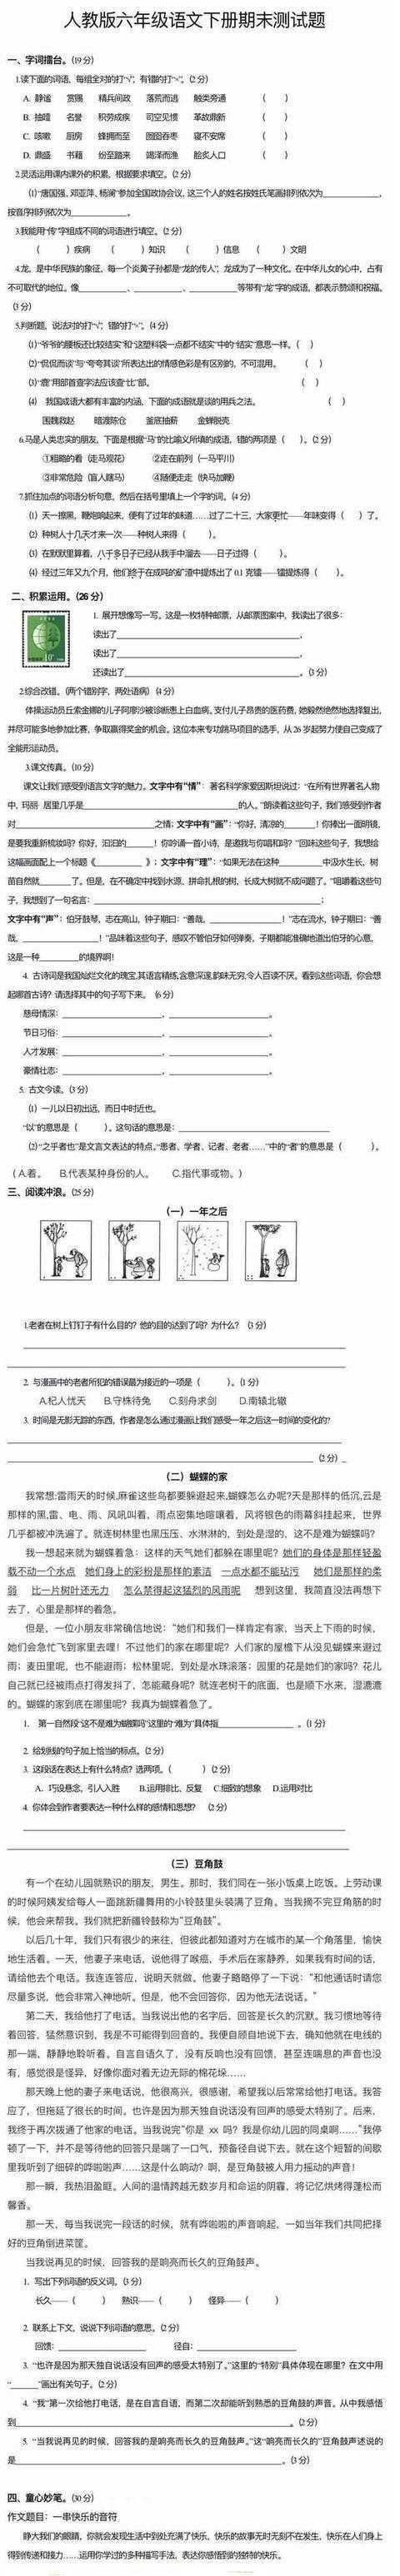 部编版:小学2至6年级语文期末卷